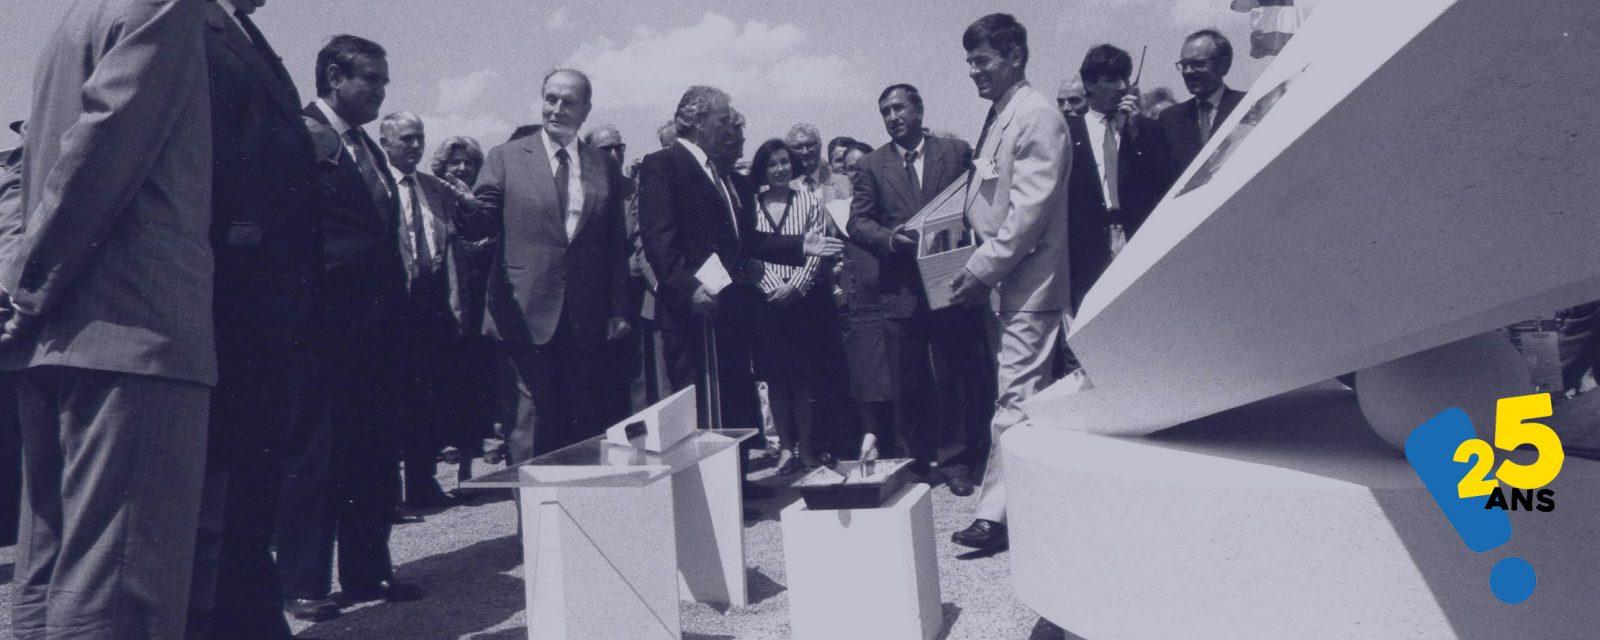 Revivez l'histoire de l'Université en exposition pour son 25e anniversaire